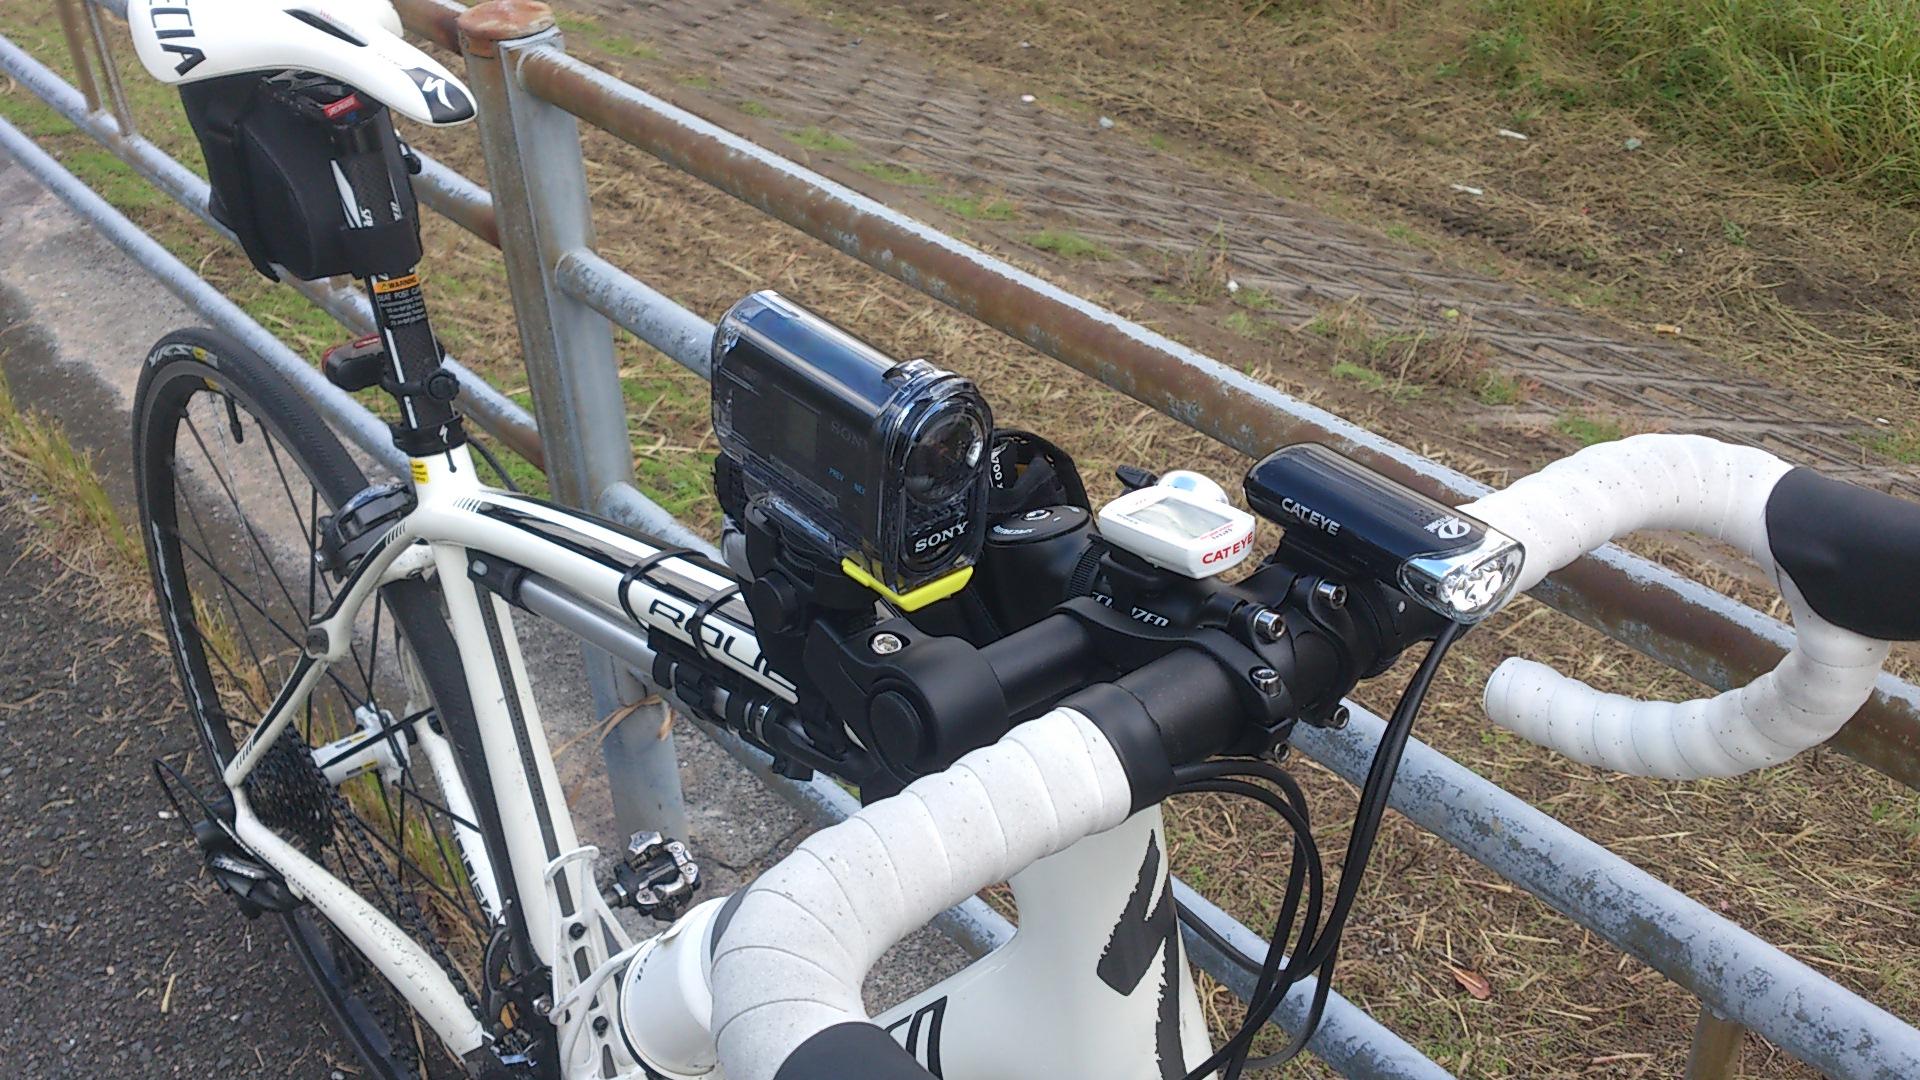 自転車の 自転車 車載カメラ 振動 : 車載動画はじめました(自転車 ...